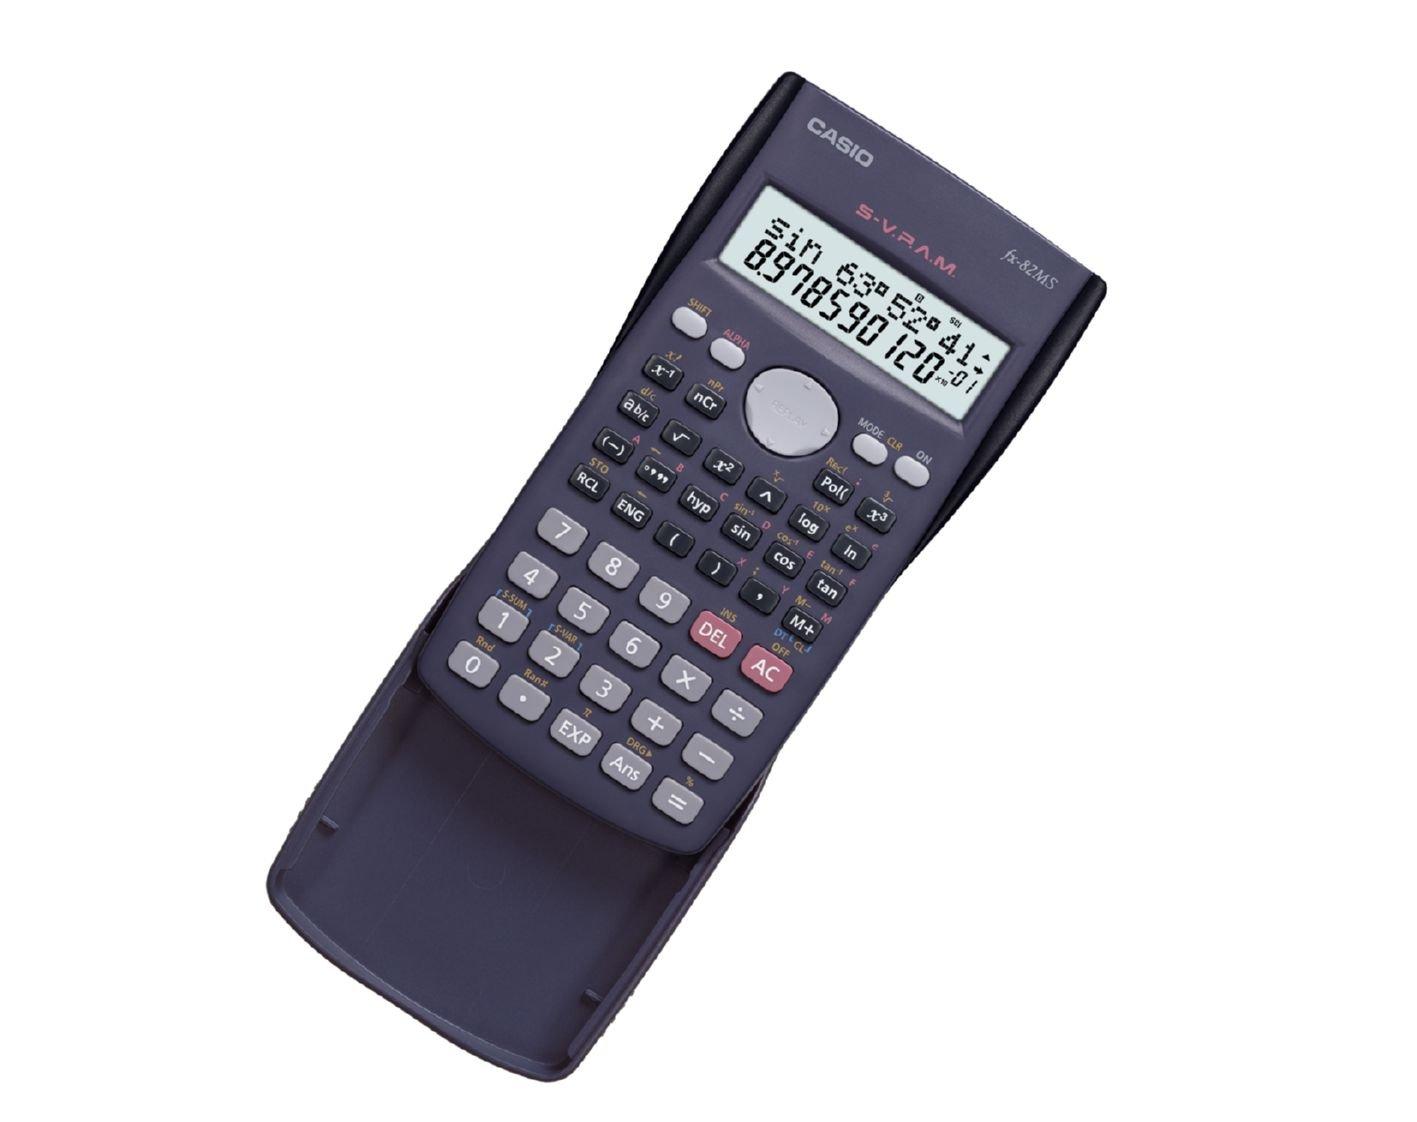 Calculadora científica para el cole por solo 8,60€